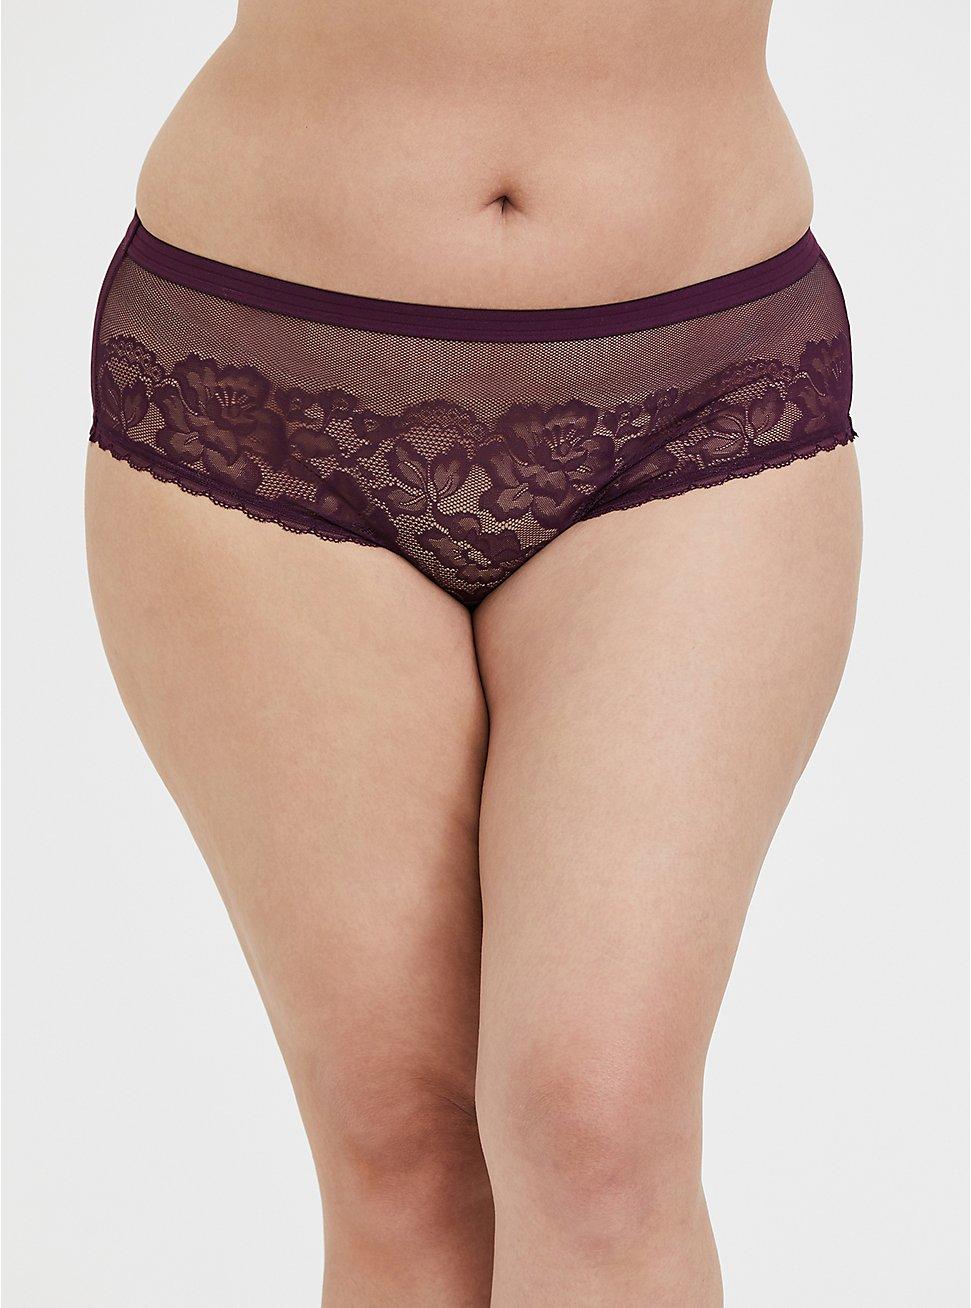 Plus Size Grape Purple Lace & Mesh Hipster Panty, , hi-res